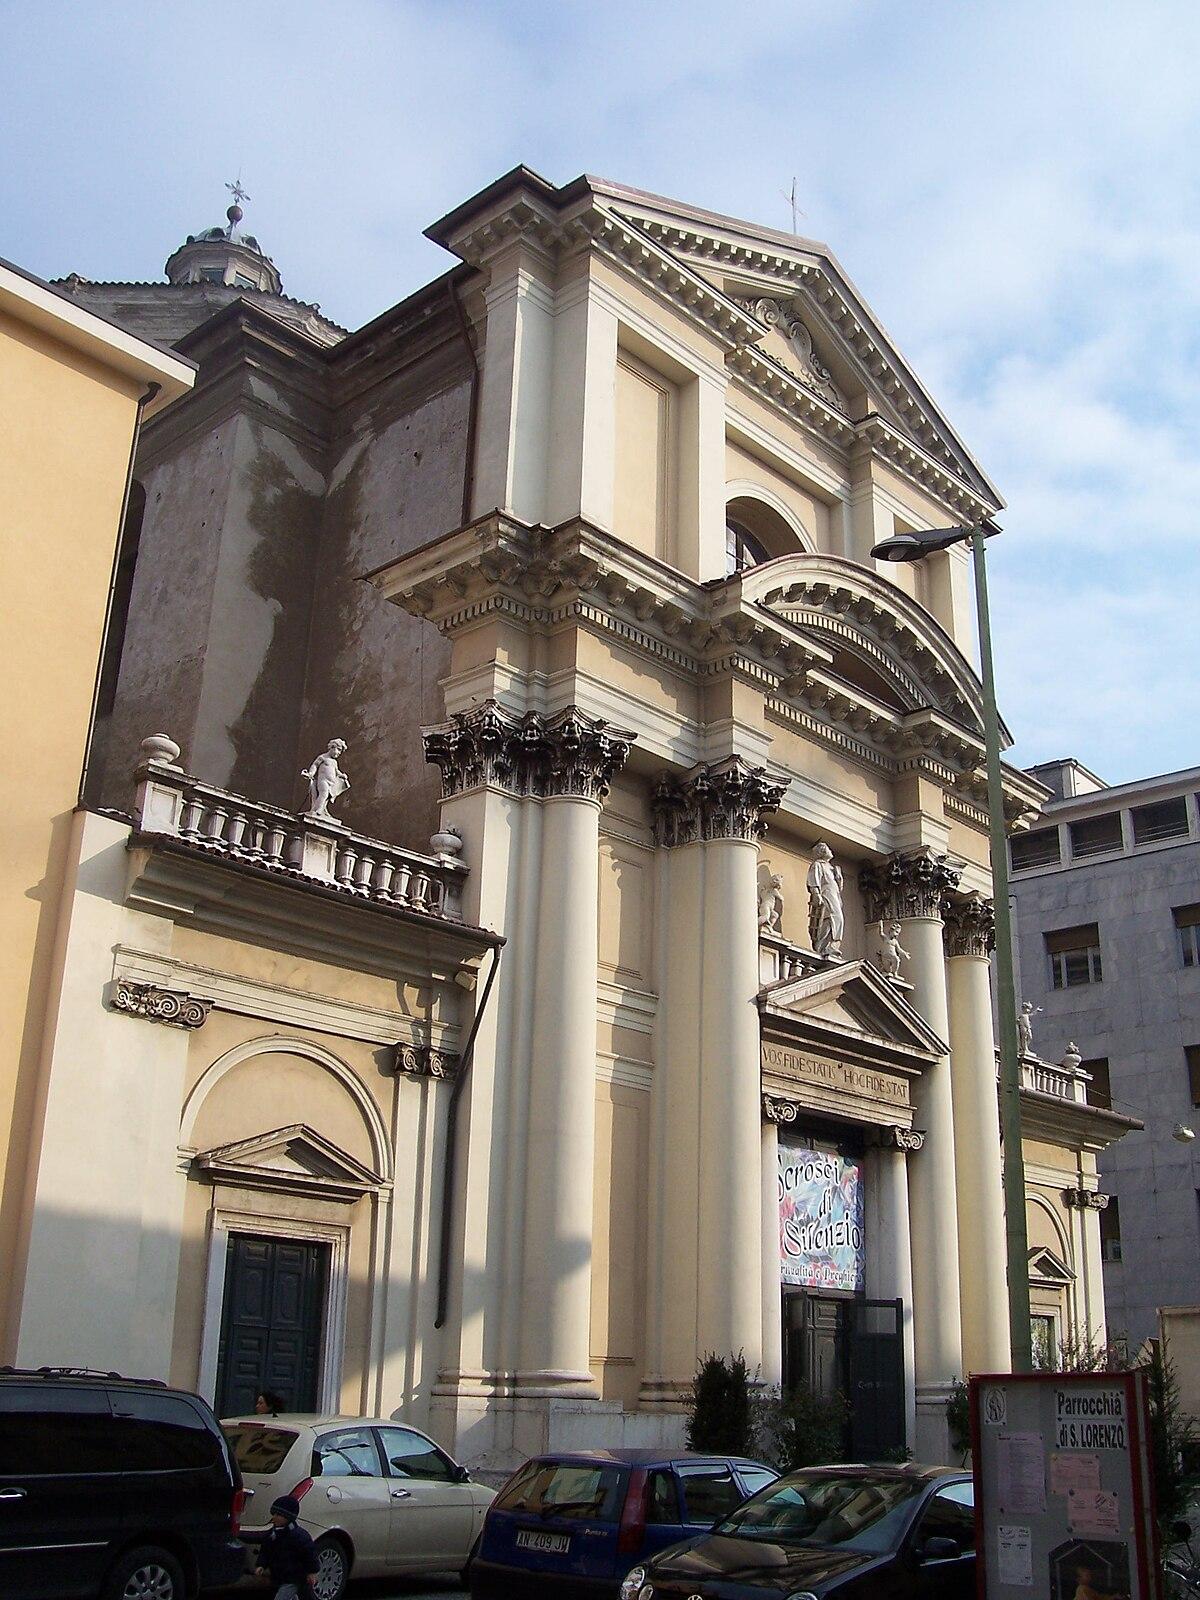 chiesa di san lorenzo (brescia) - wikipedia - Arredamento Interni Wikipedia